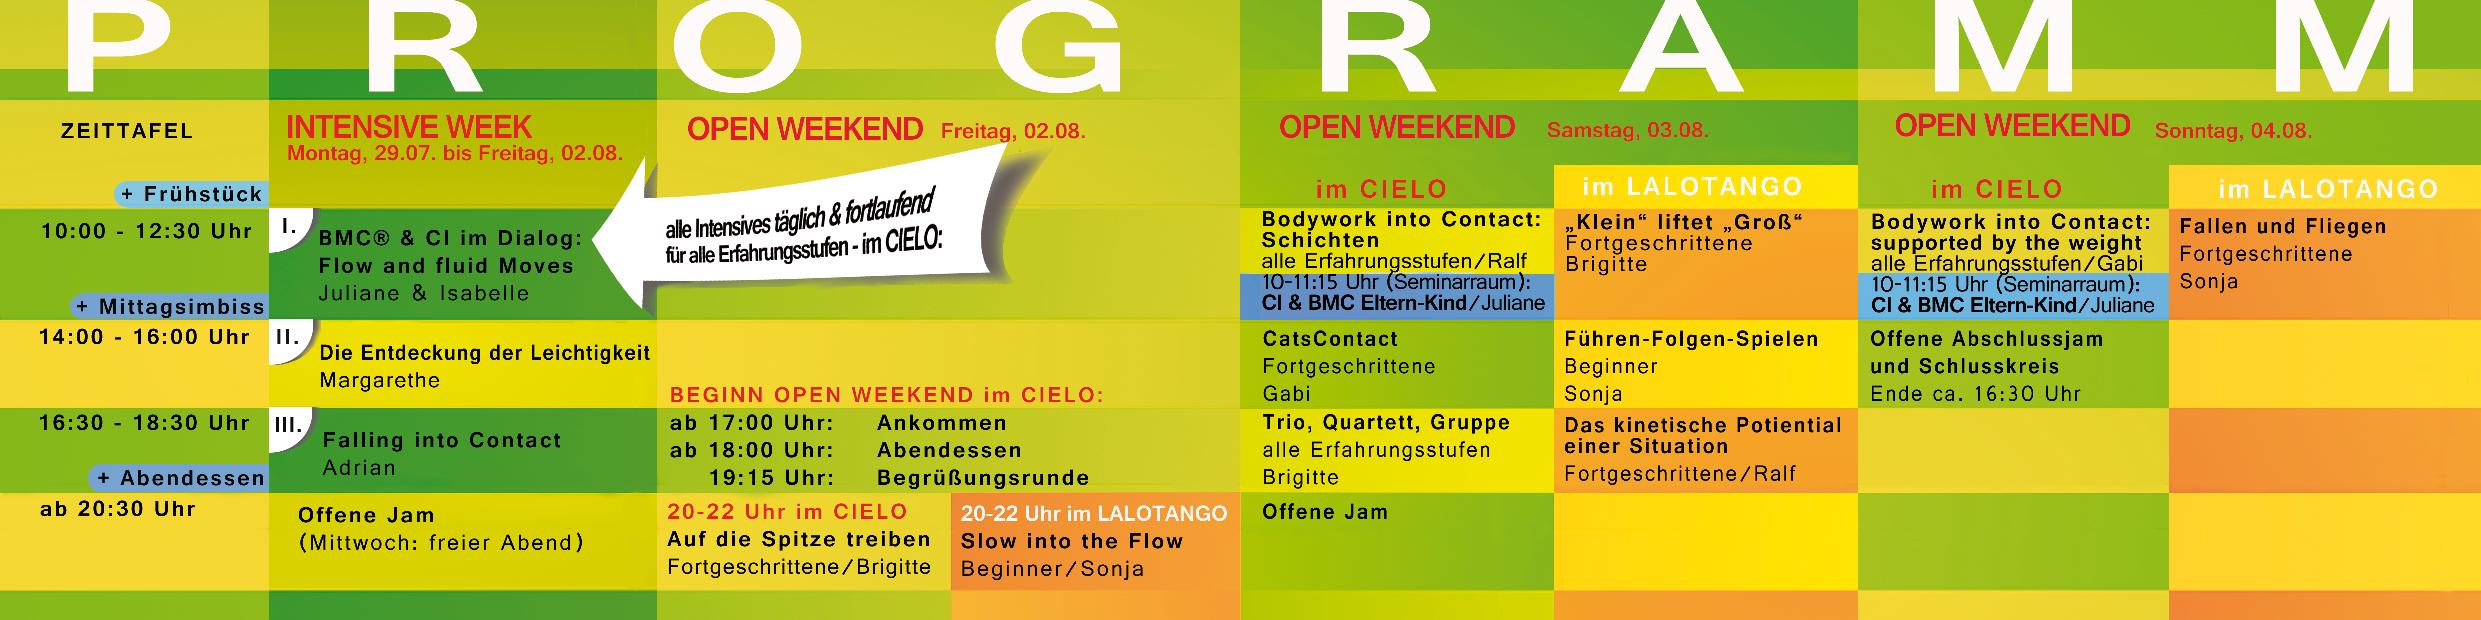 Contact Festival Stuttgart 2019